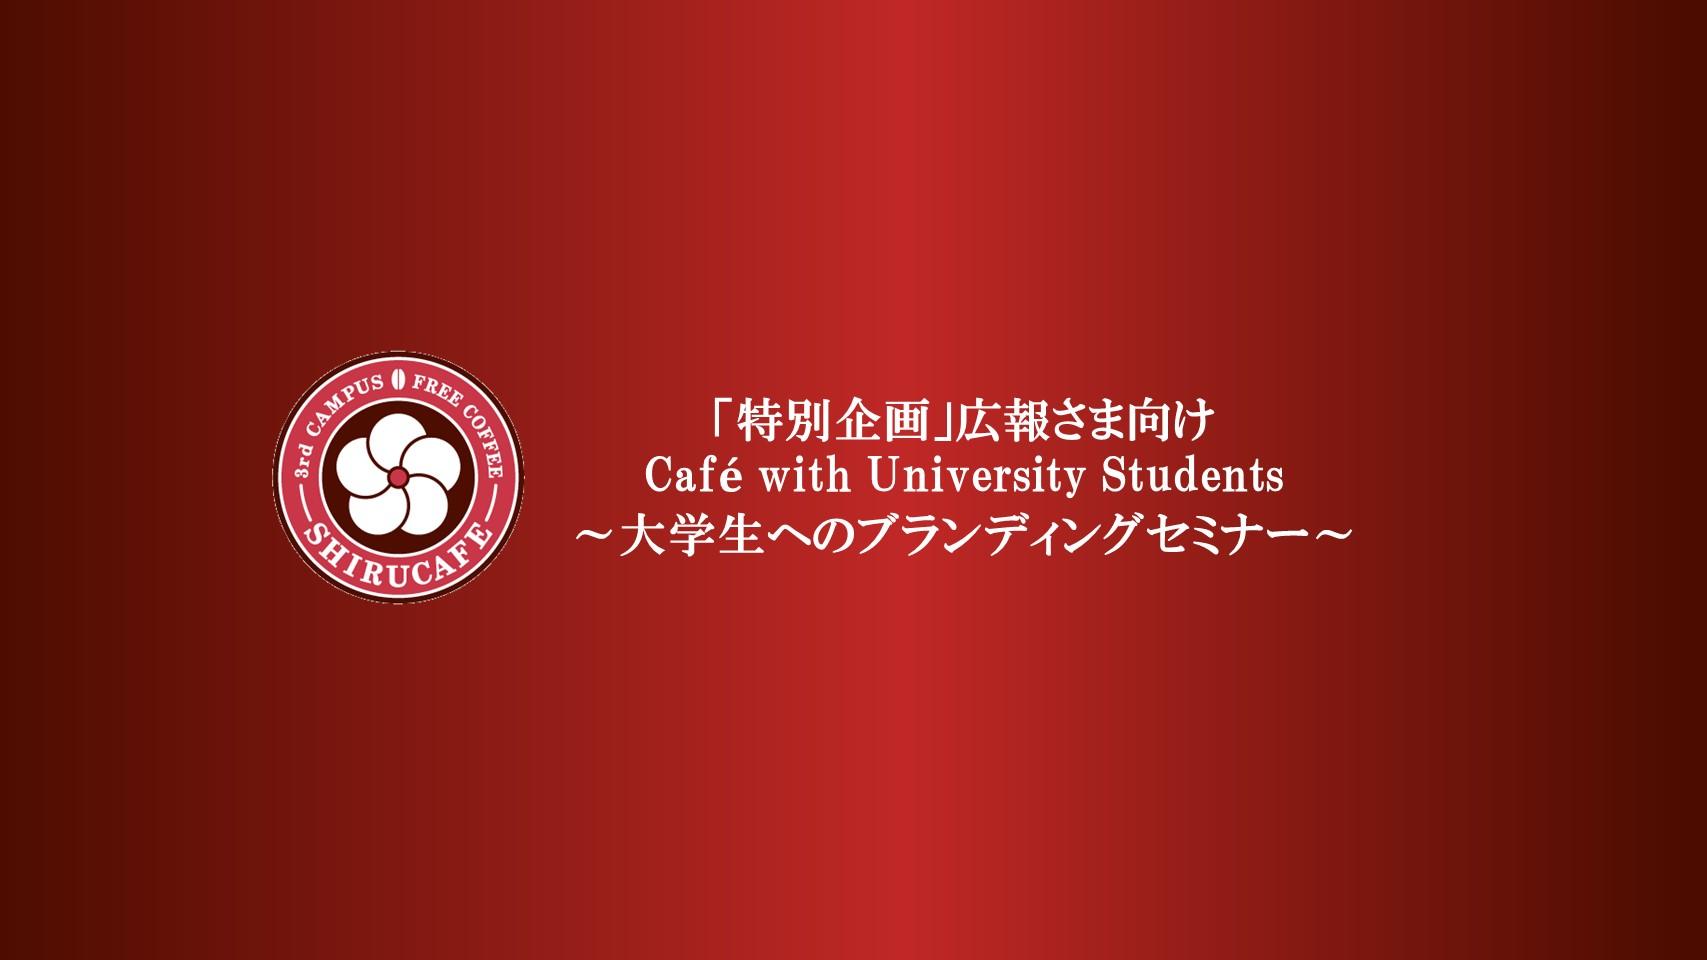 広報さま向け「大学生へのブランディングセミナー」の開催